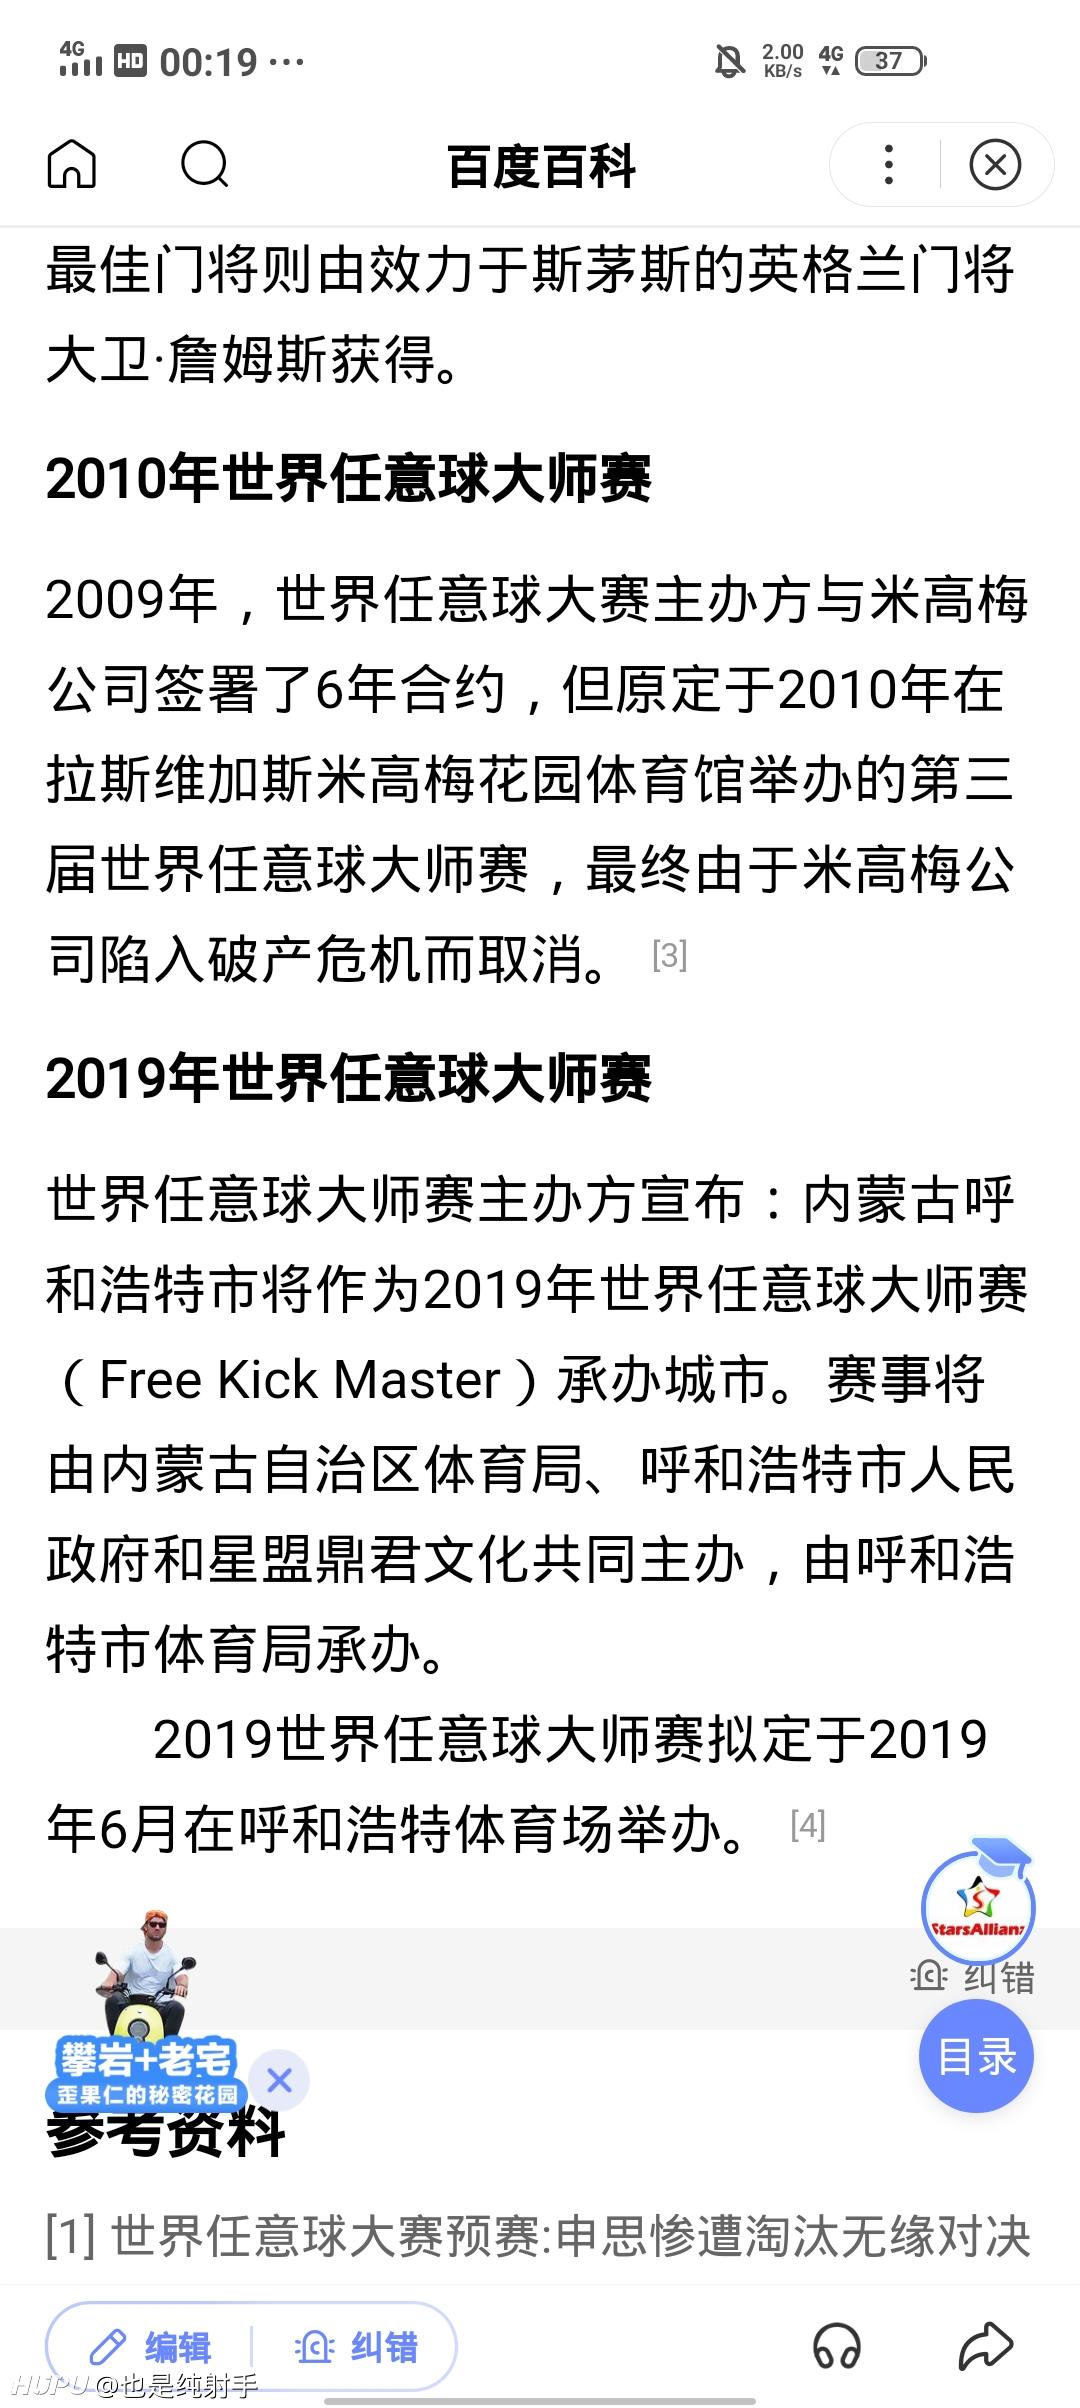 2019呼和浩特第三届世界任意球大师赛到底举办了吗?  足球话题区